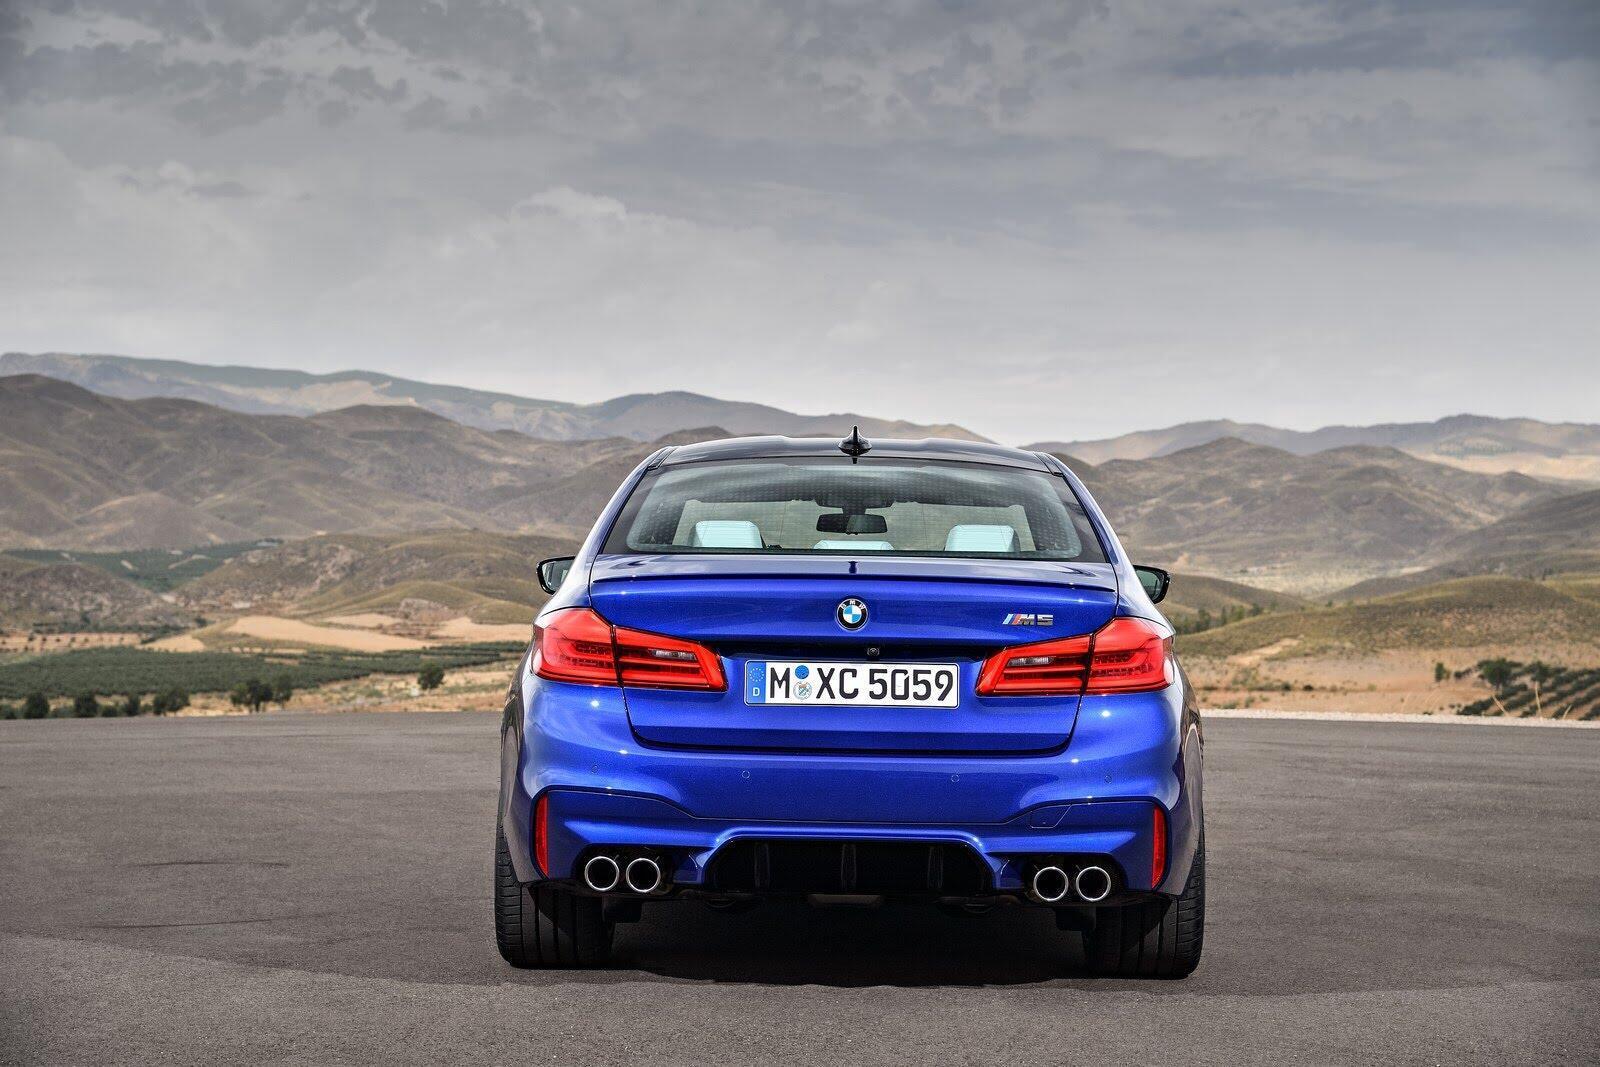 BMW M5 2018 chính thức trình làng với 600 mã lực - Hình 7